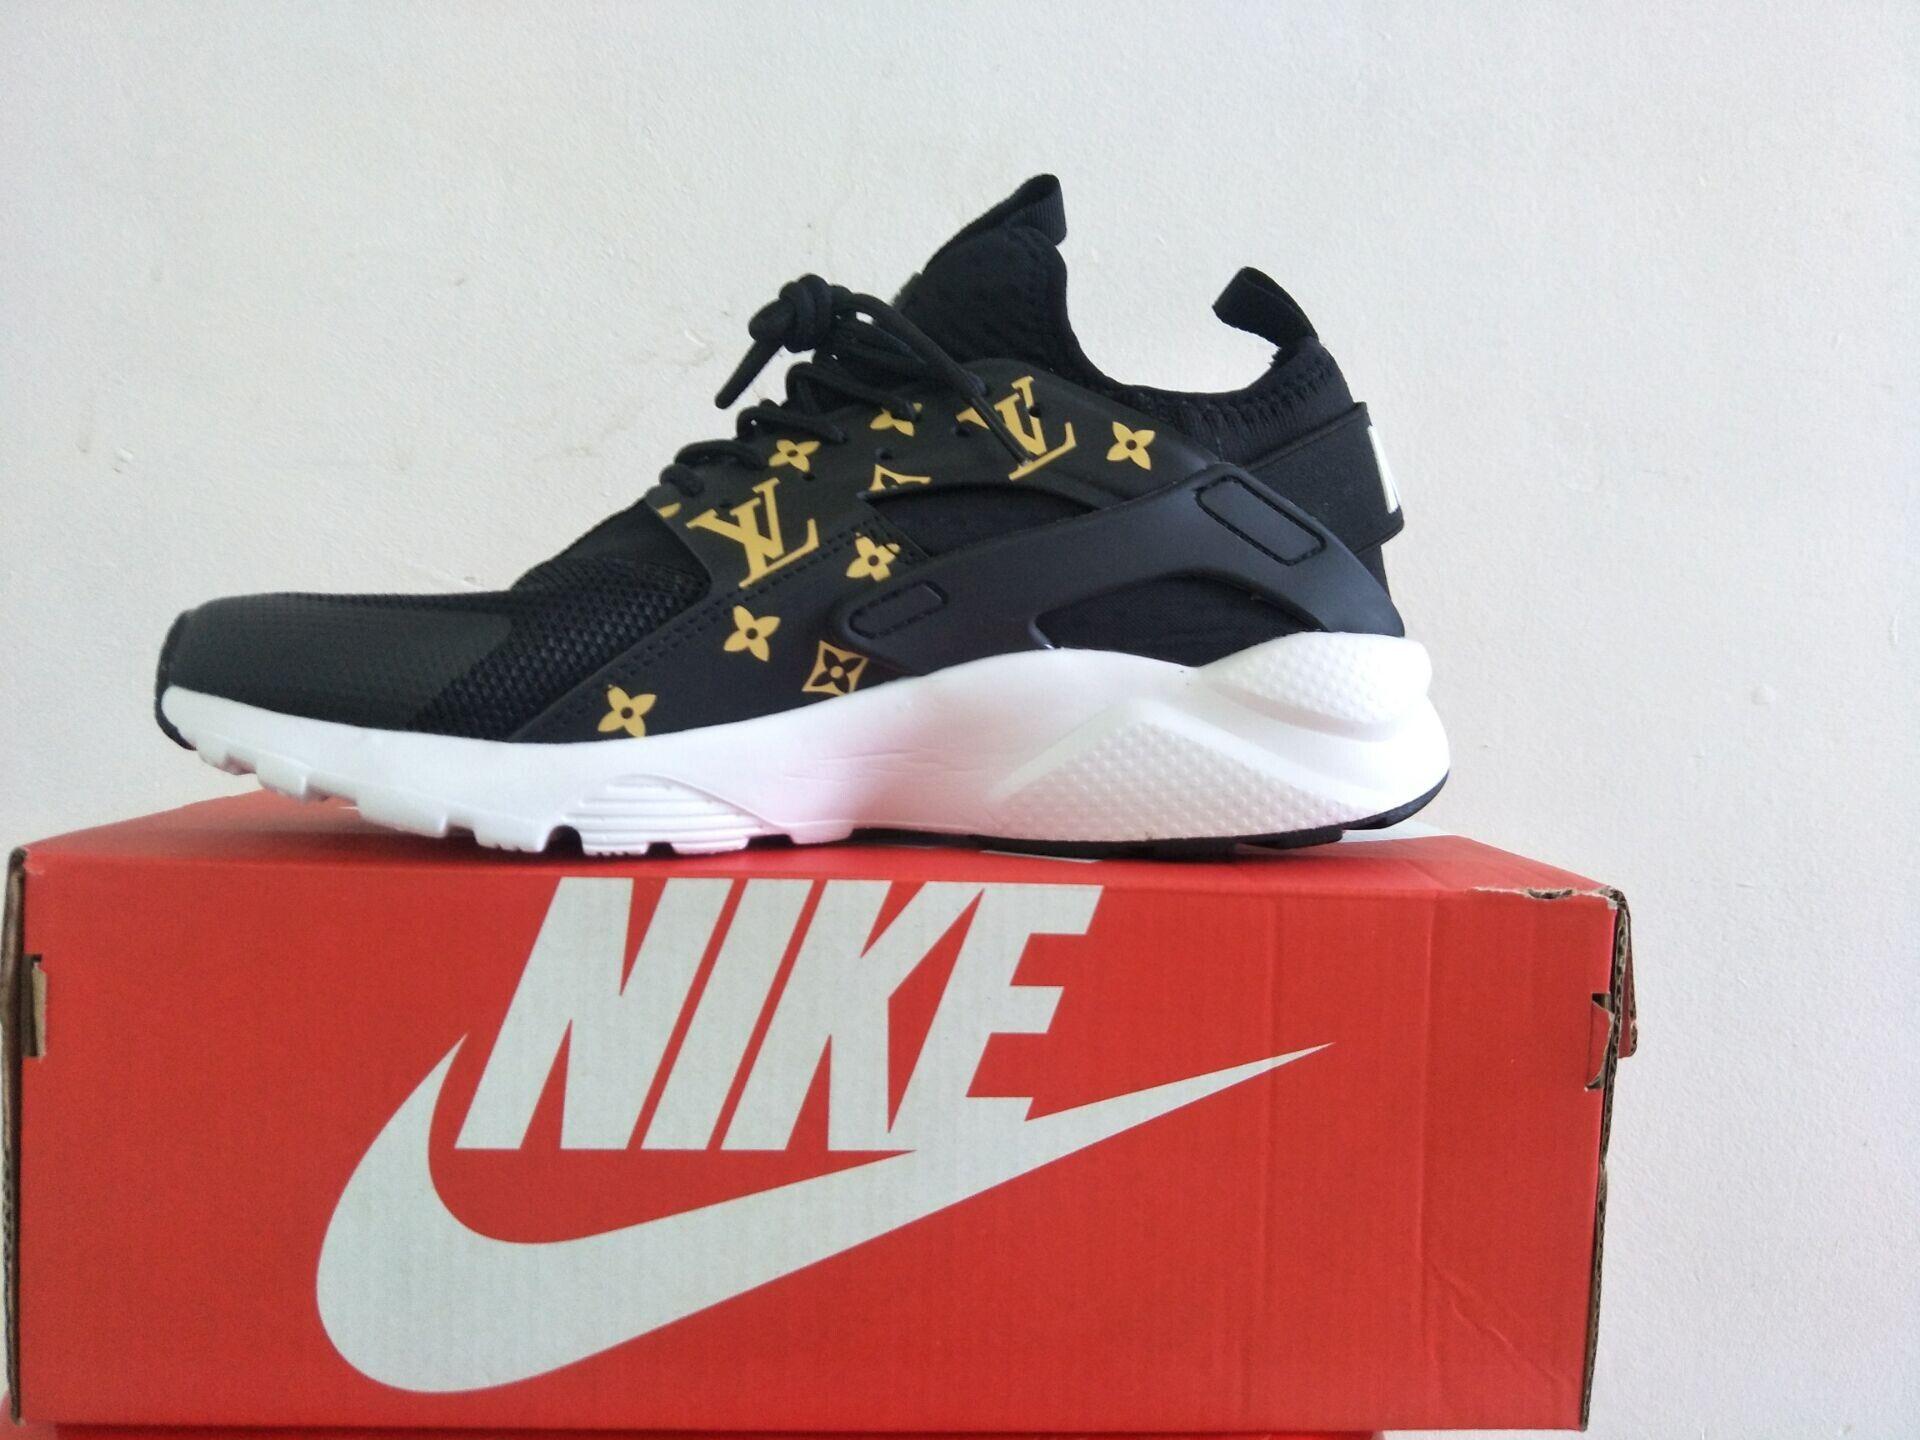 best selling arrives footwear Louis vuitton nike sneakers - Chaussure - lescahiersdalter